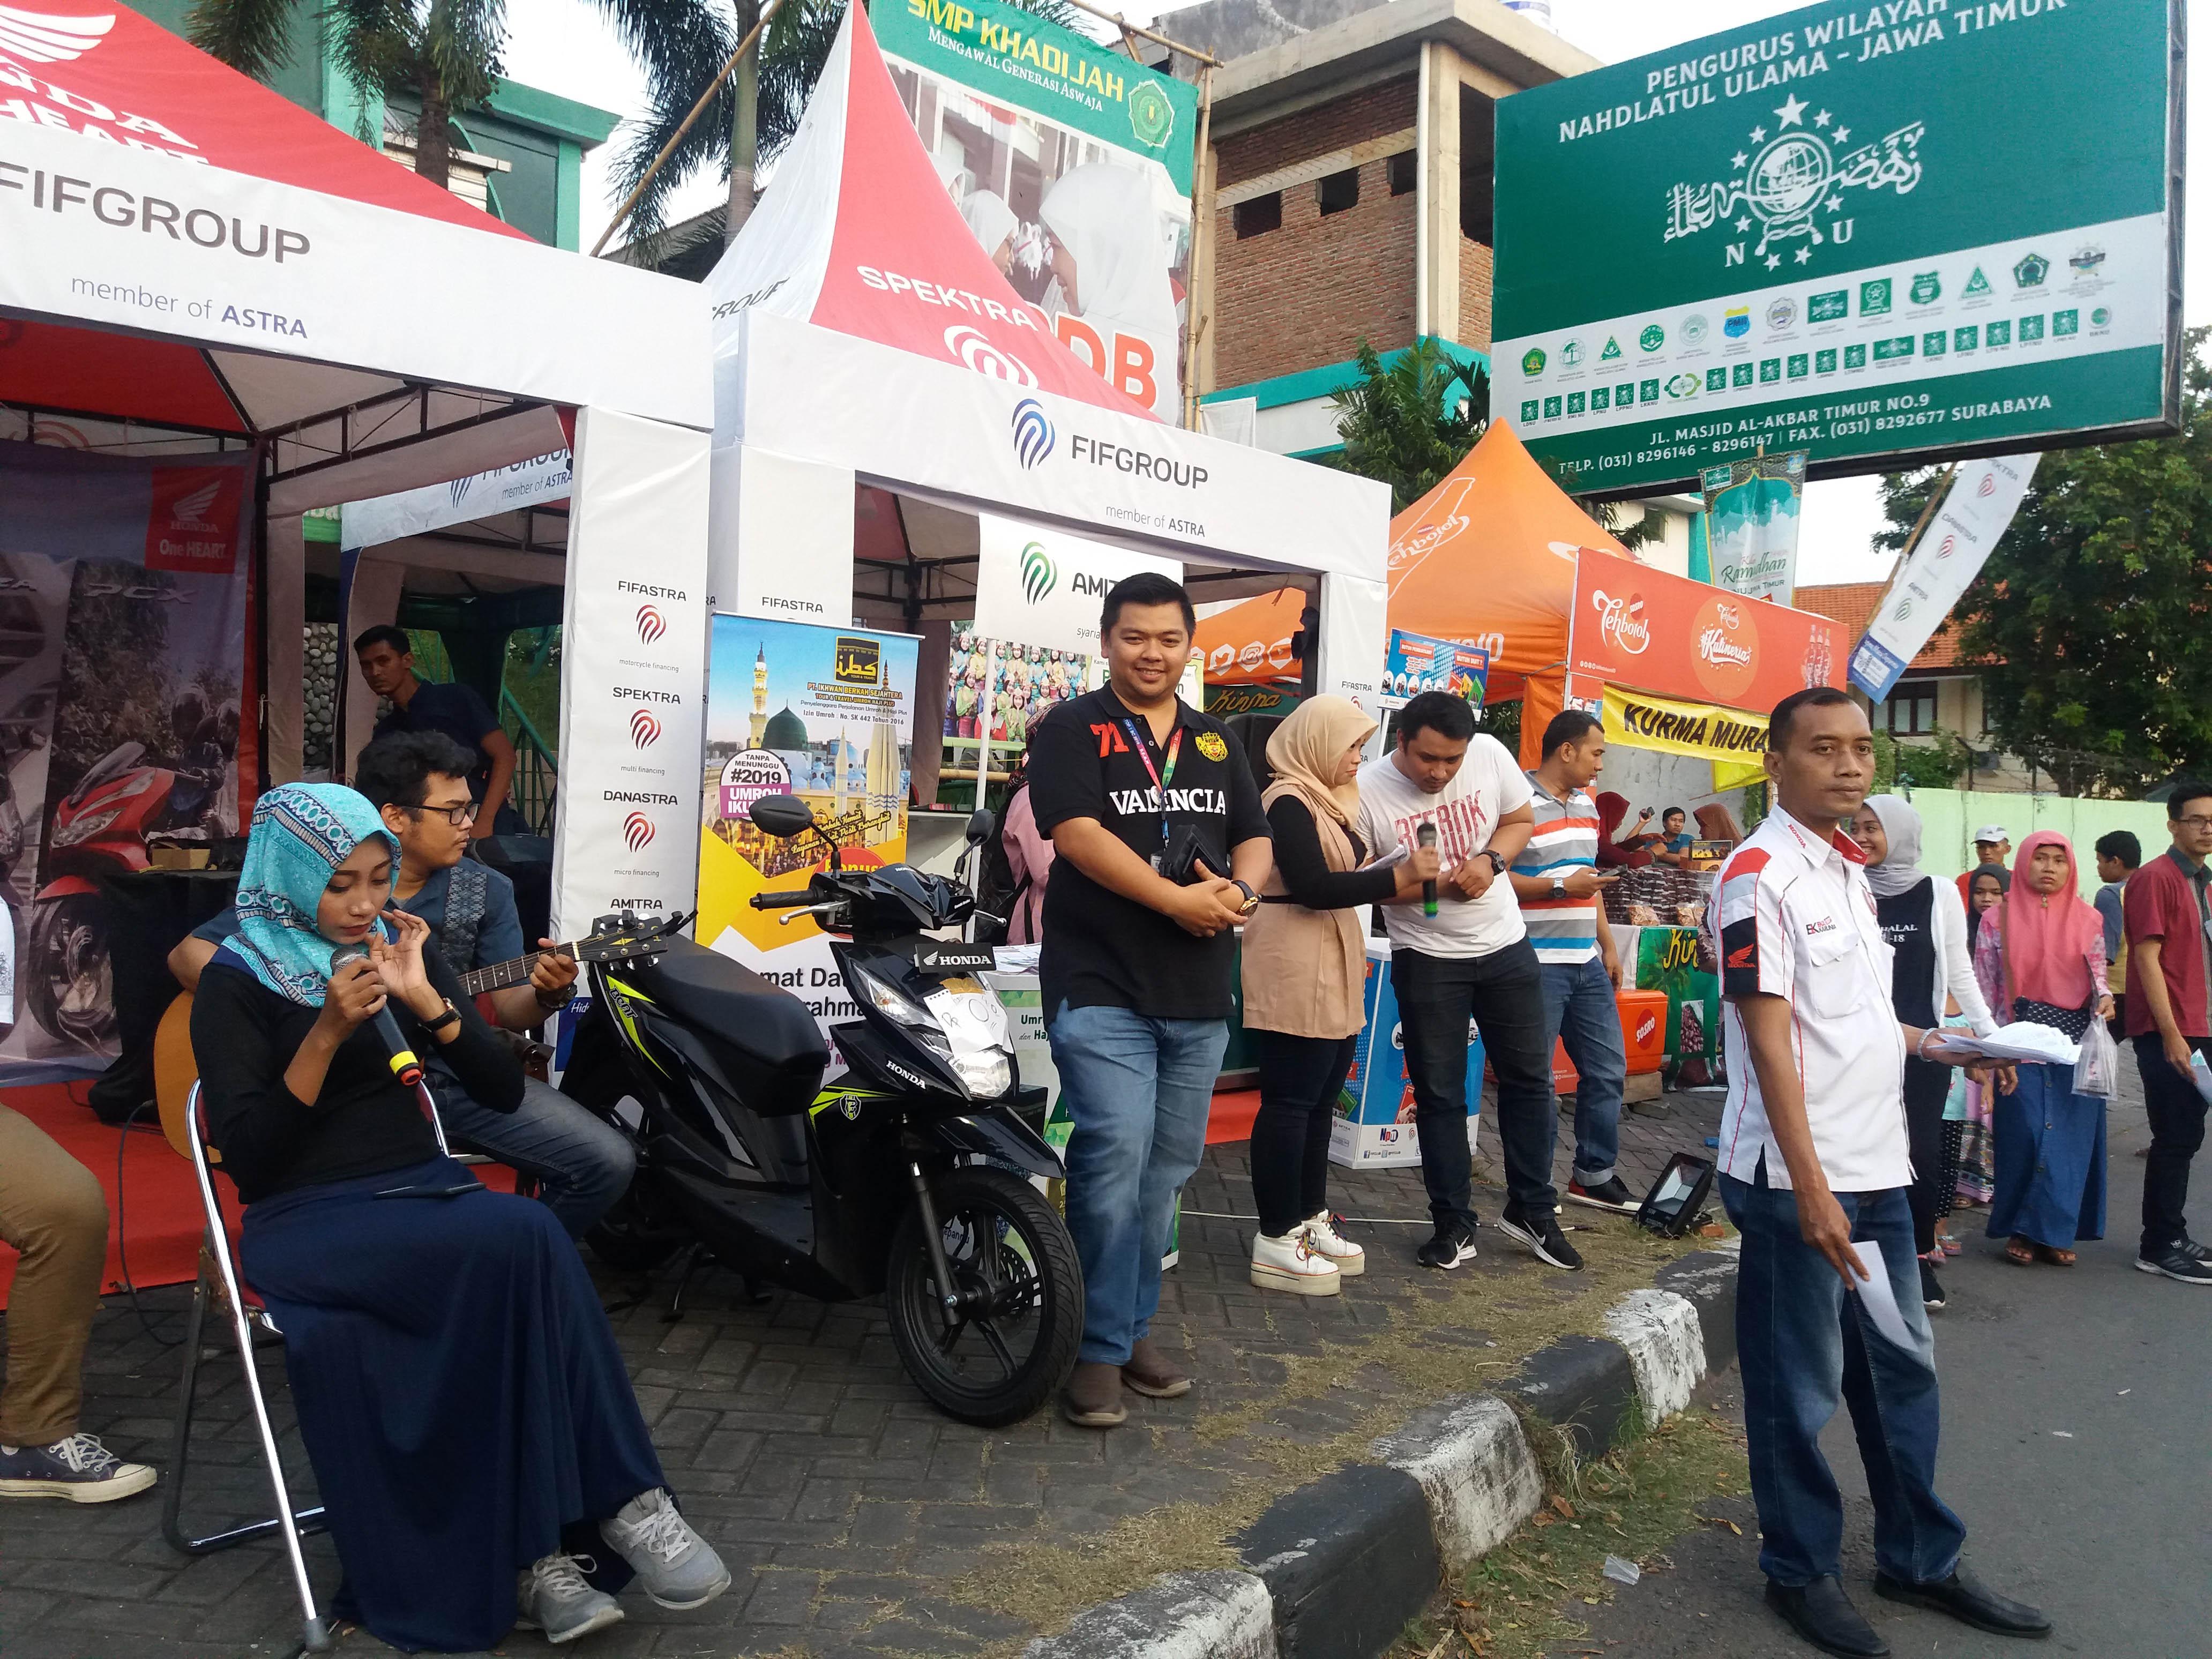 Event FIF Group Grebeg Surabaya di depan Masjid Al-Akbar Surabaya